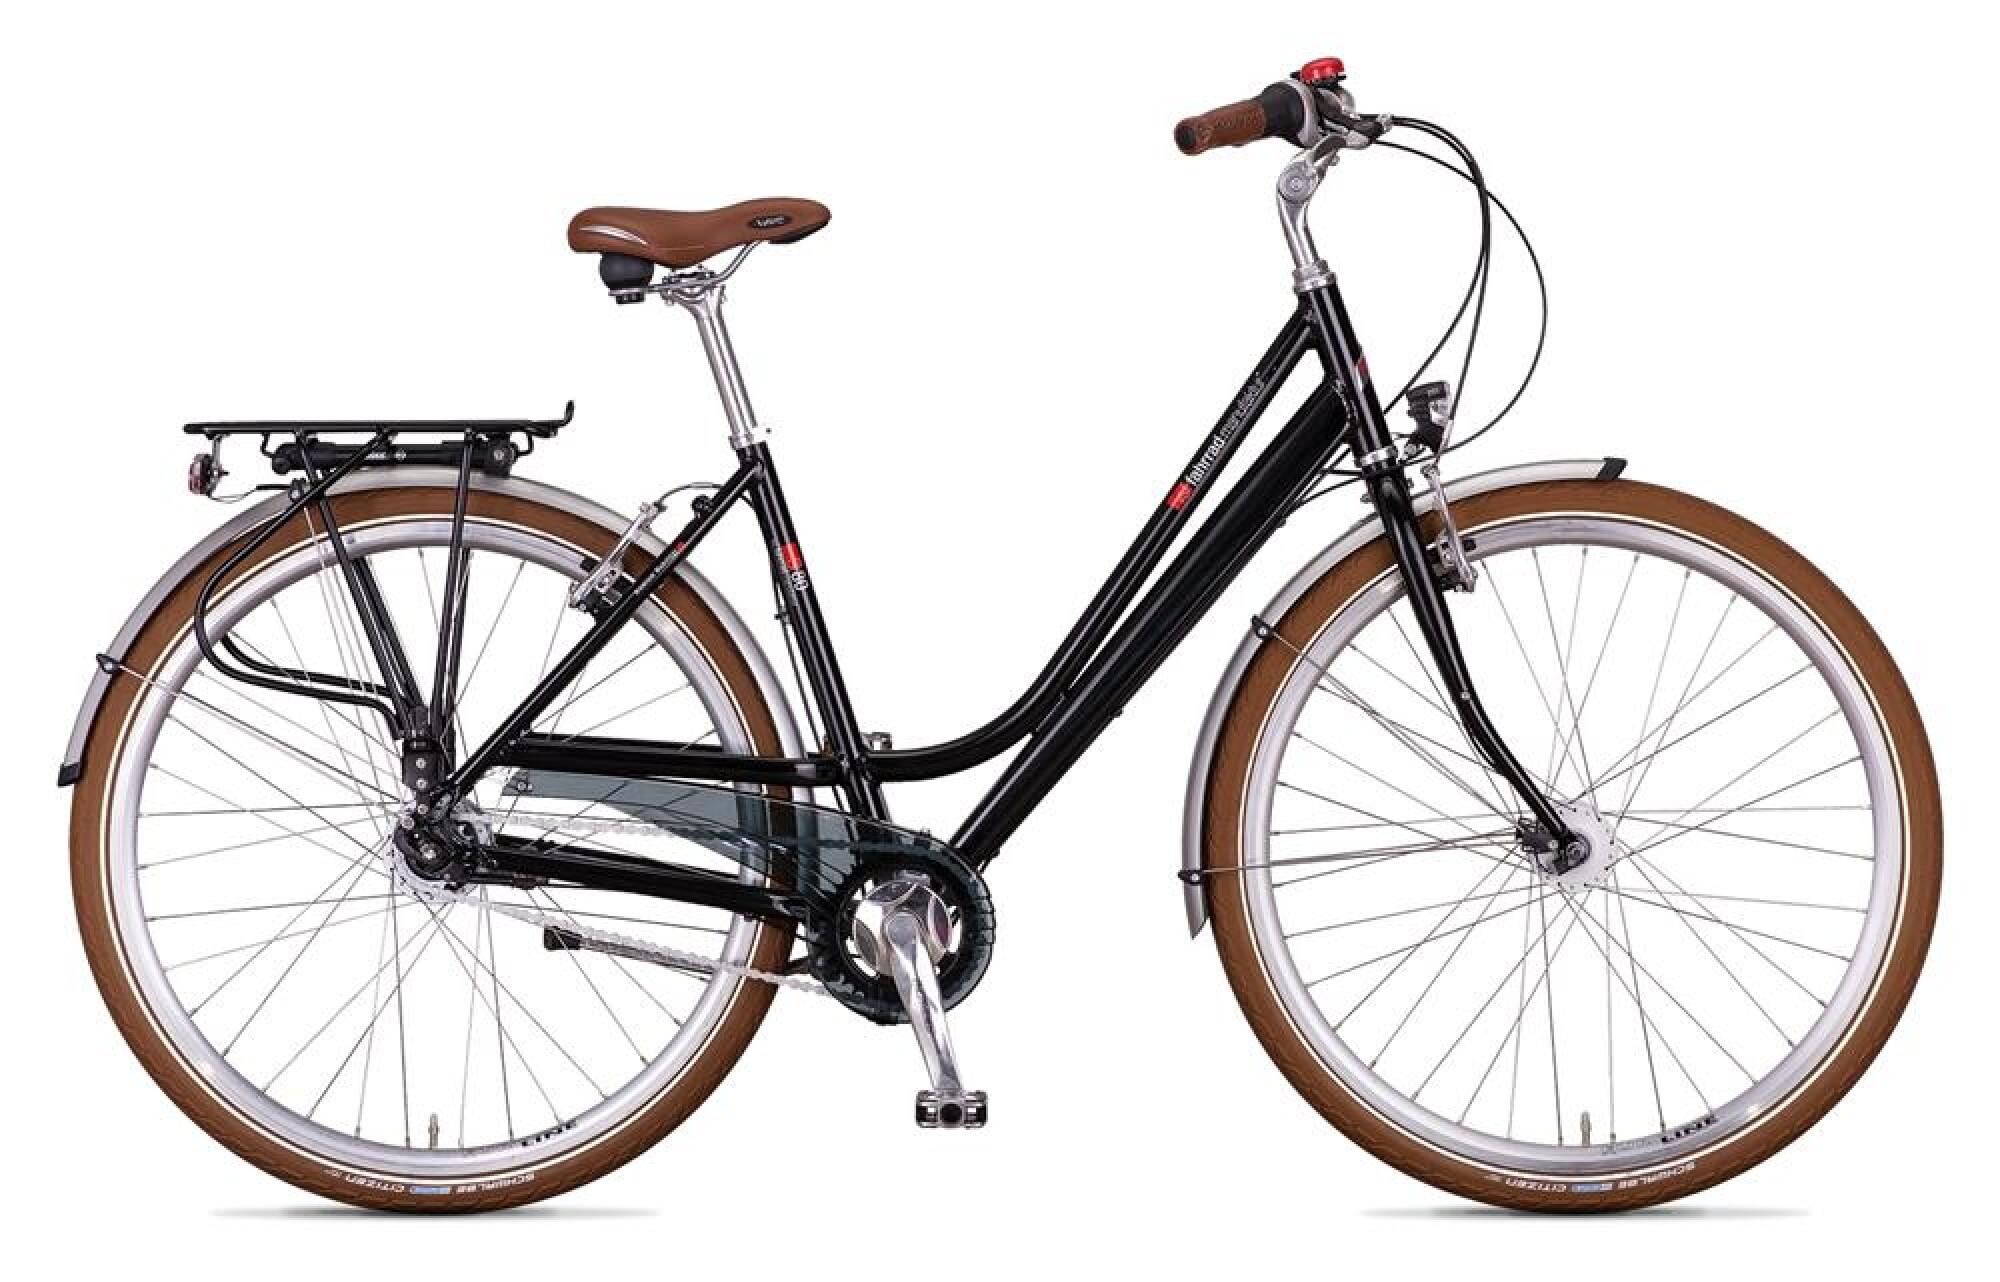 citybike vsf fahrradmanufaktur s 80 shimano nexus 8 gang. Black Bedroom Furniture Sets. Home Design Ideas